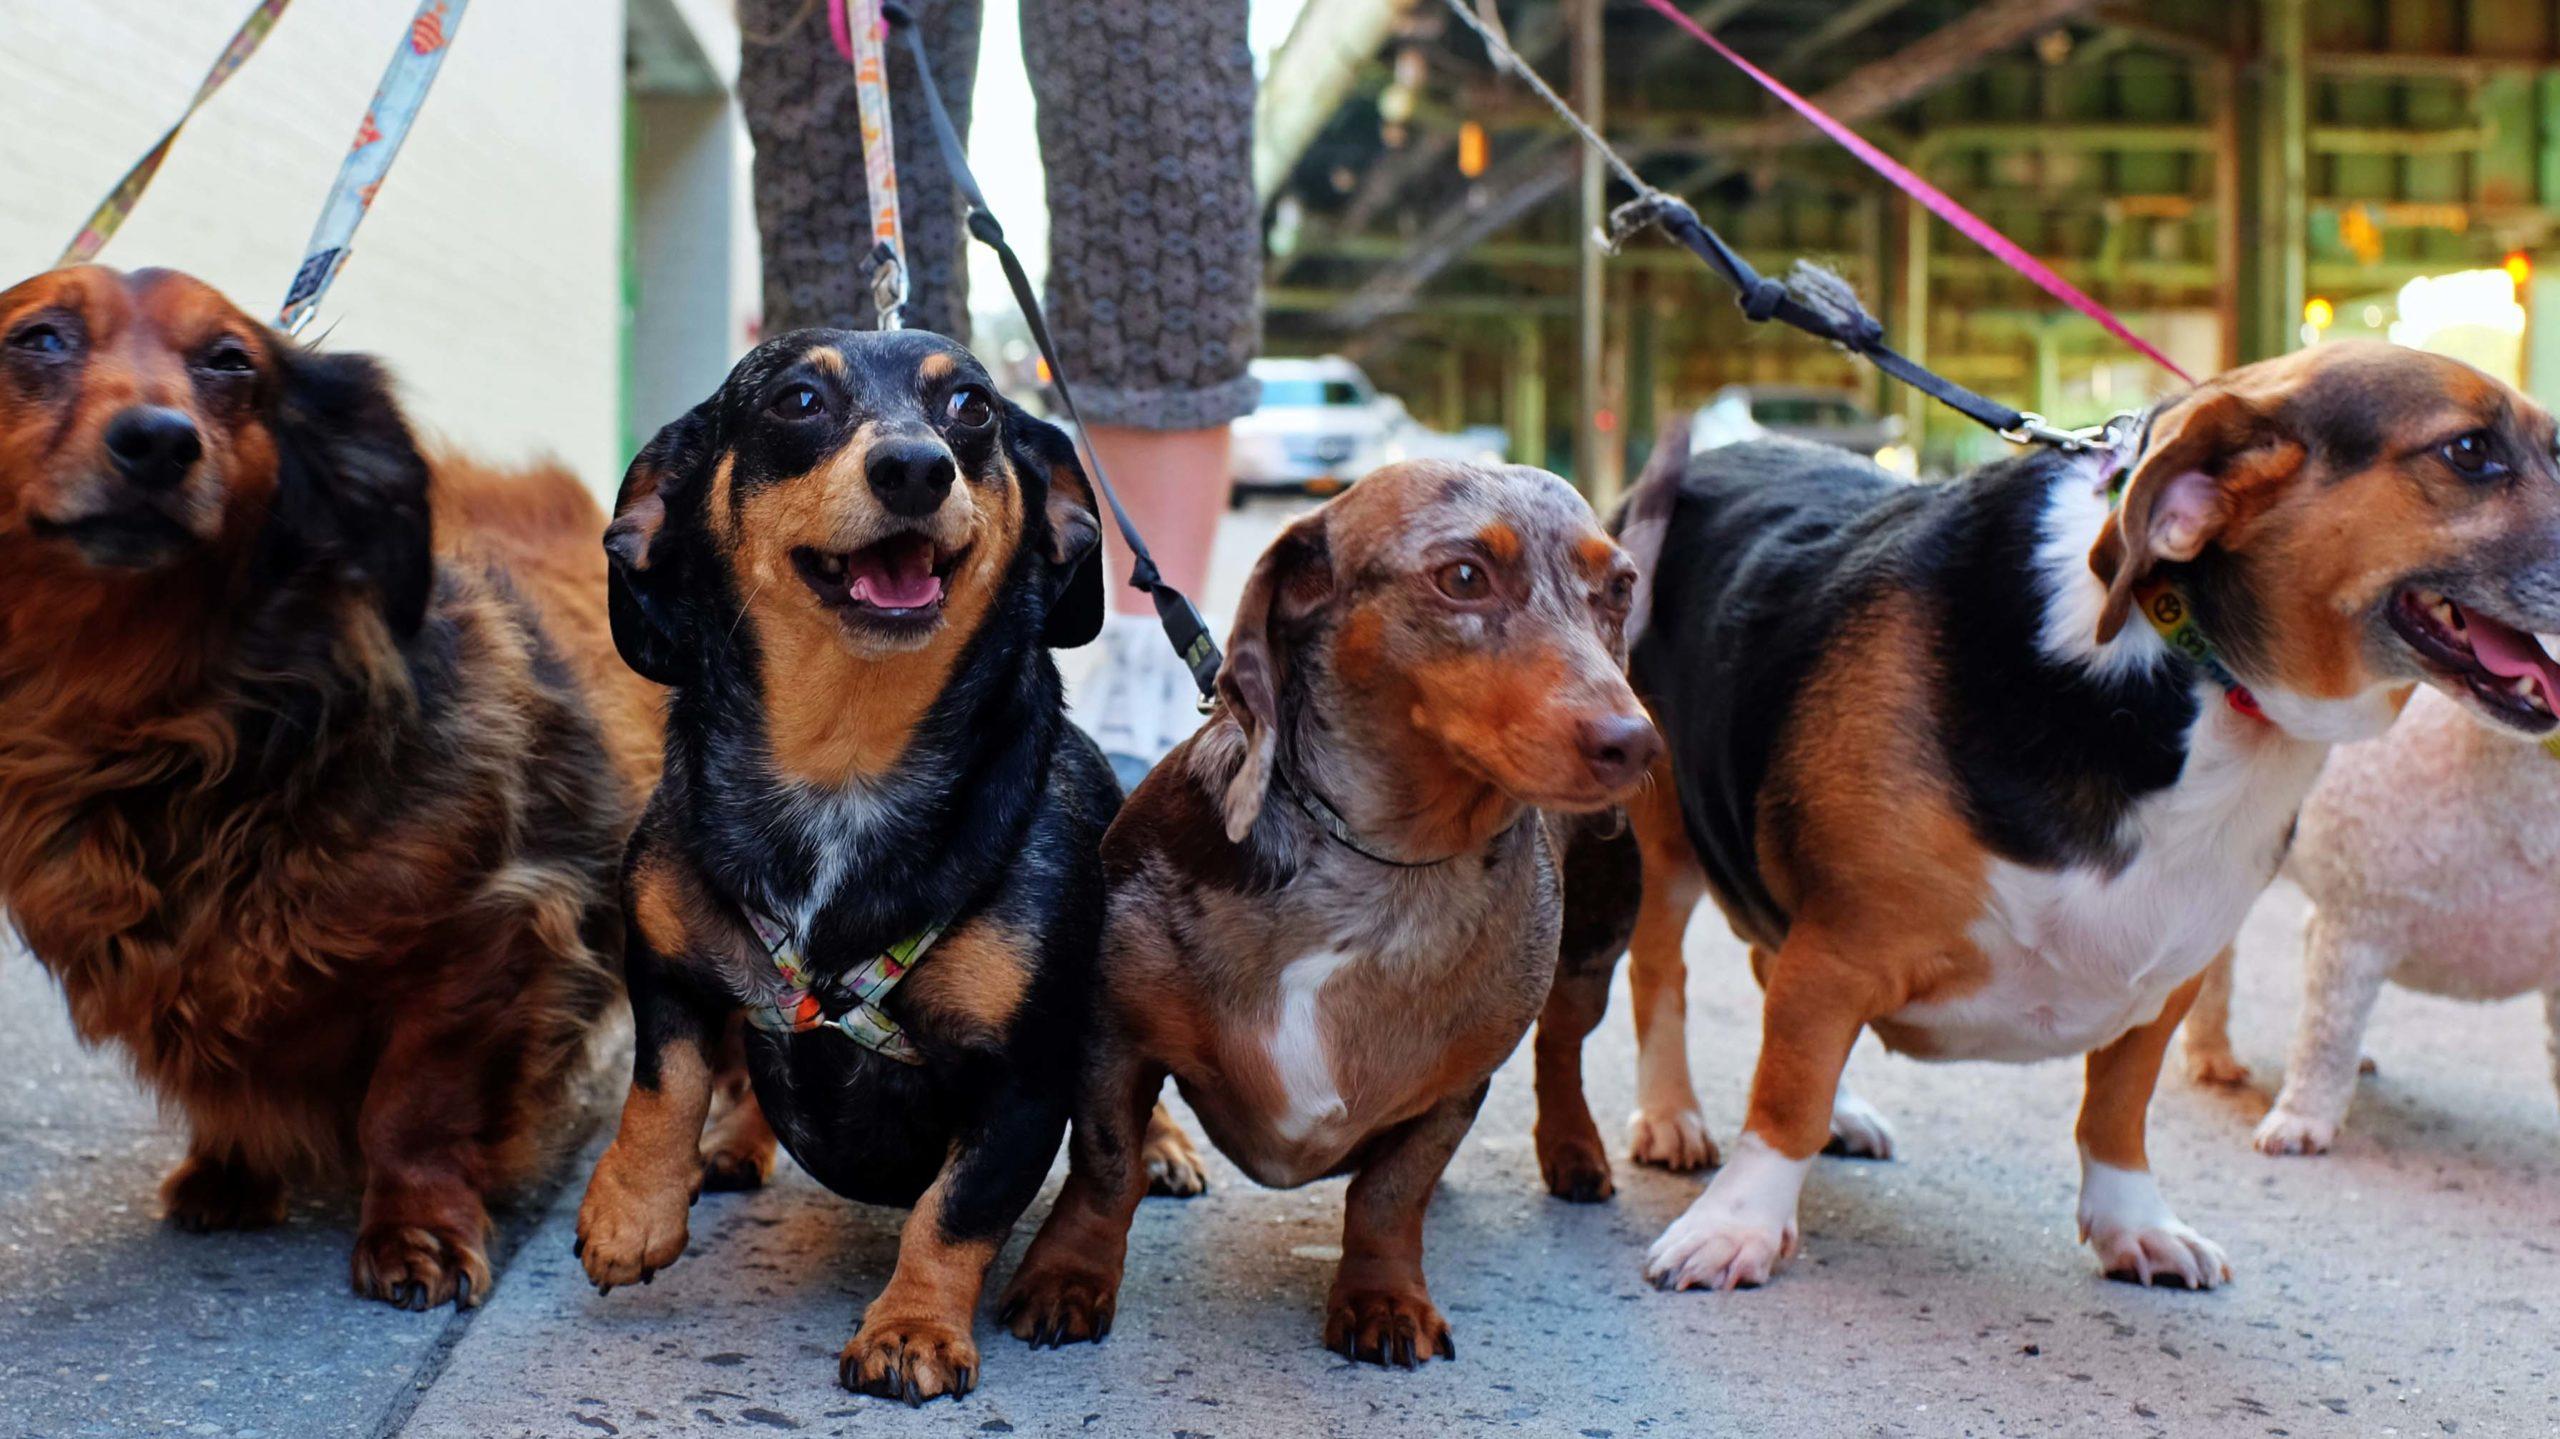 Takkie hondenuitlaatservice